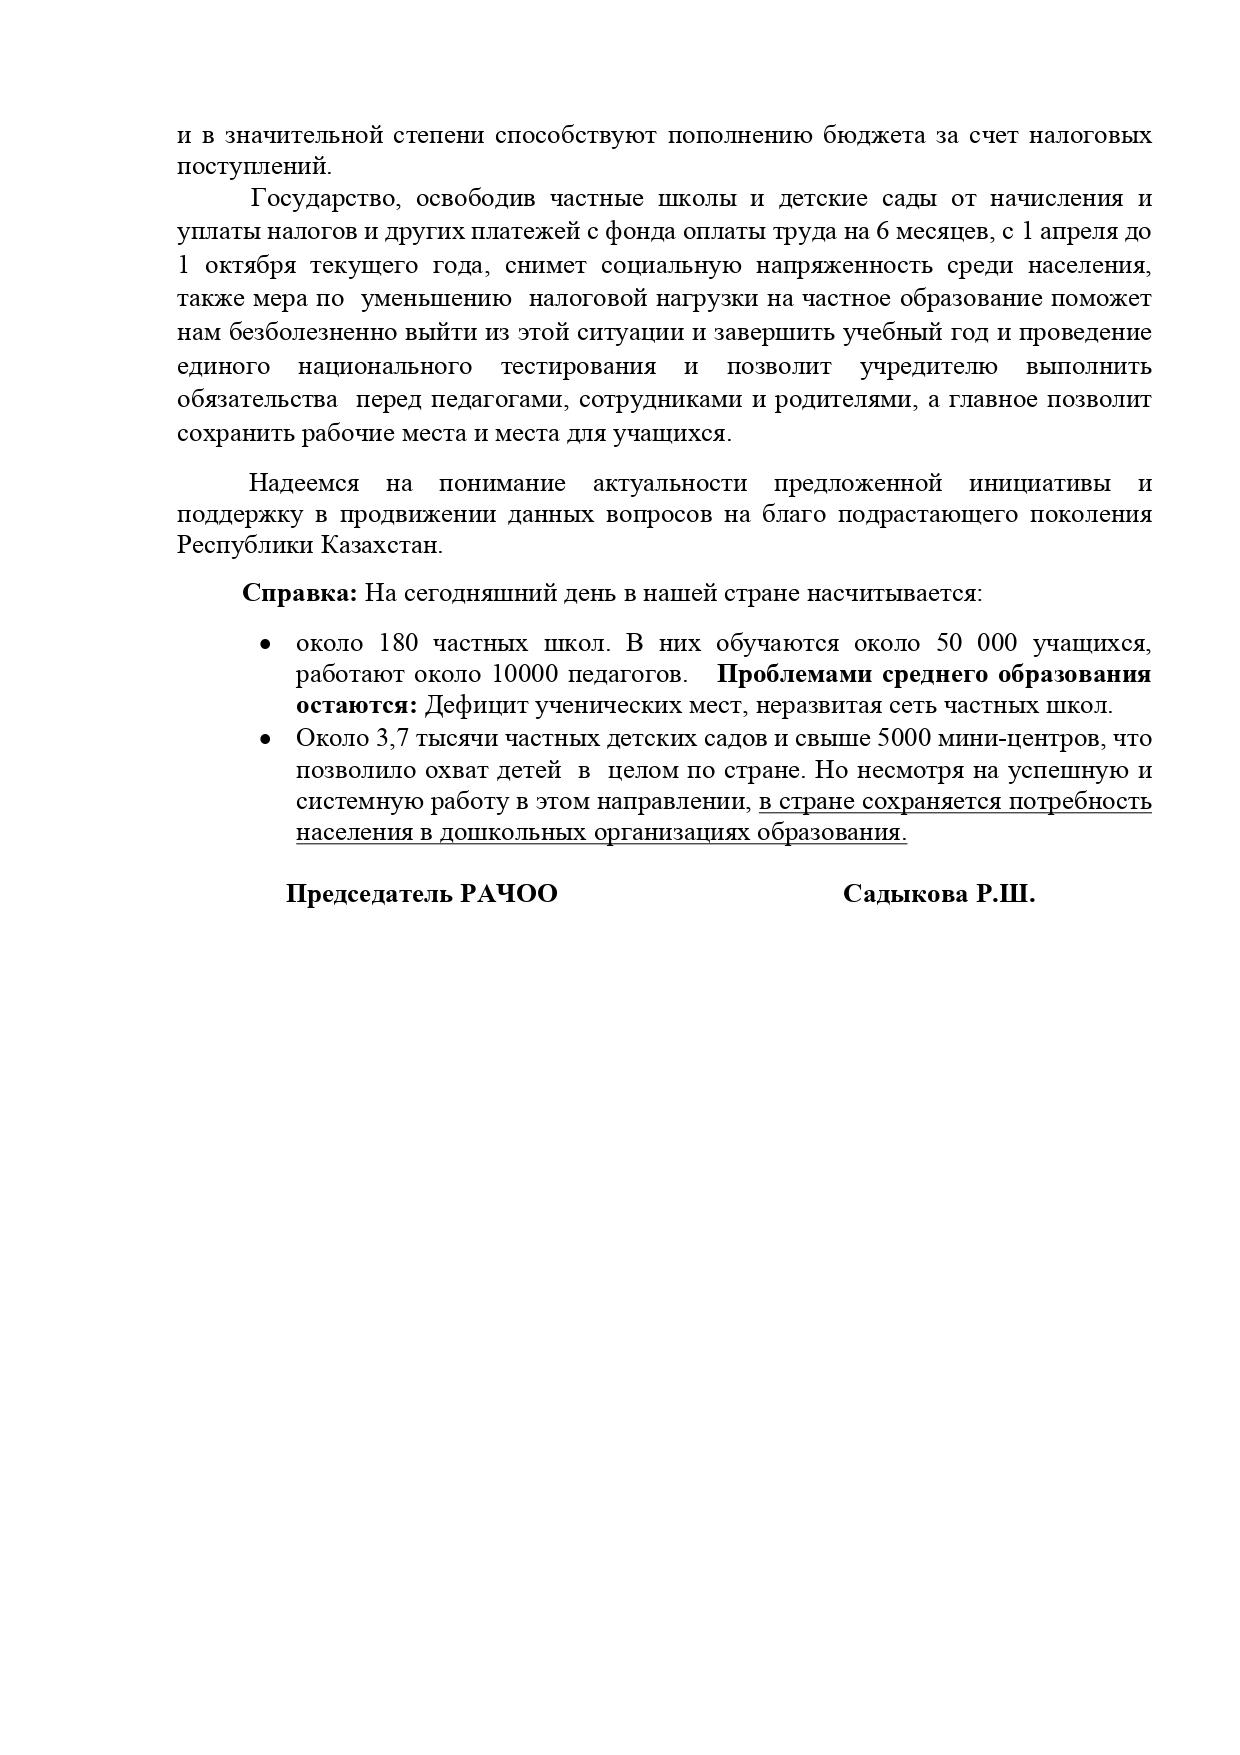 https://inbusiness.kz/ru/images/original/31/images/Ng27HaBN.jpg